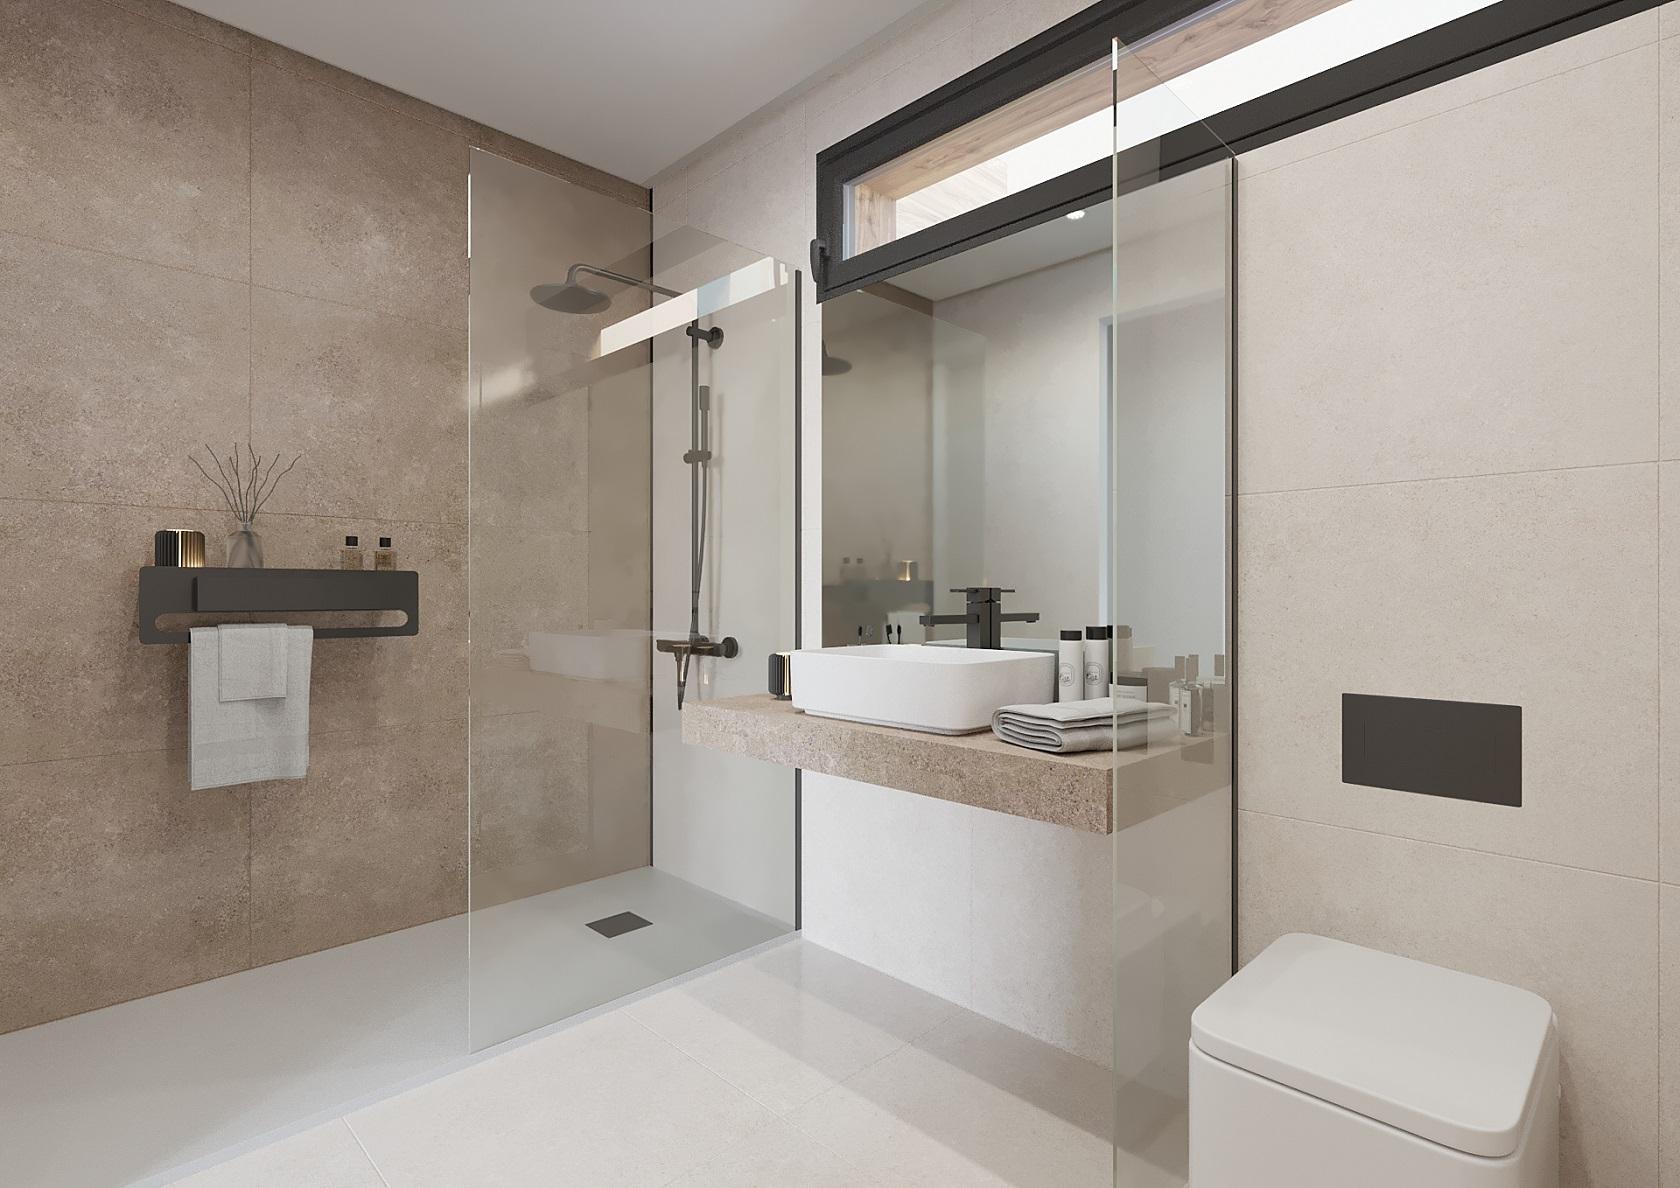 beluga_rueda_6A_baño01_10